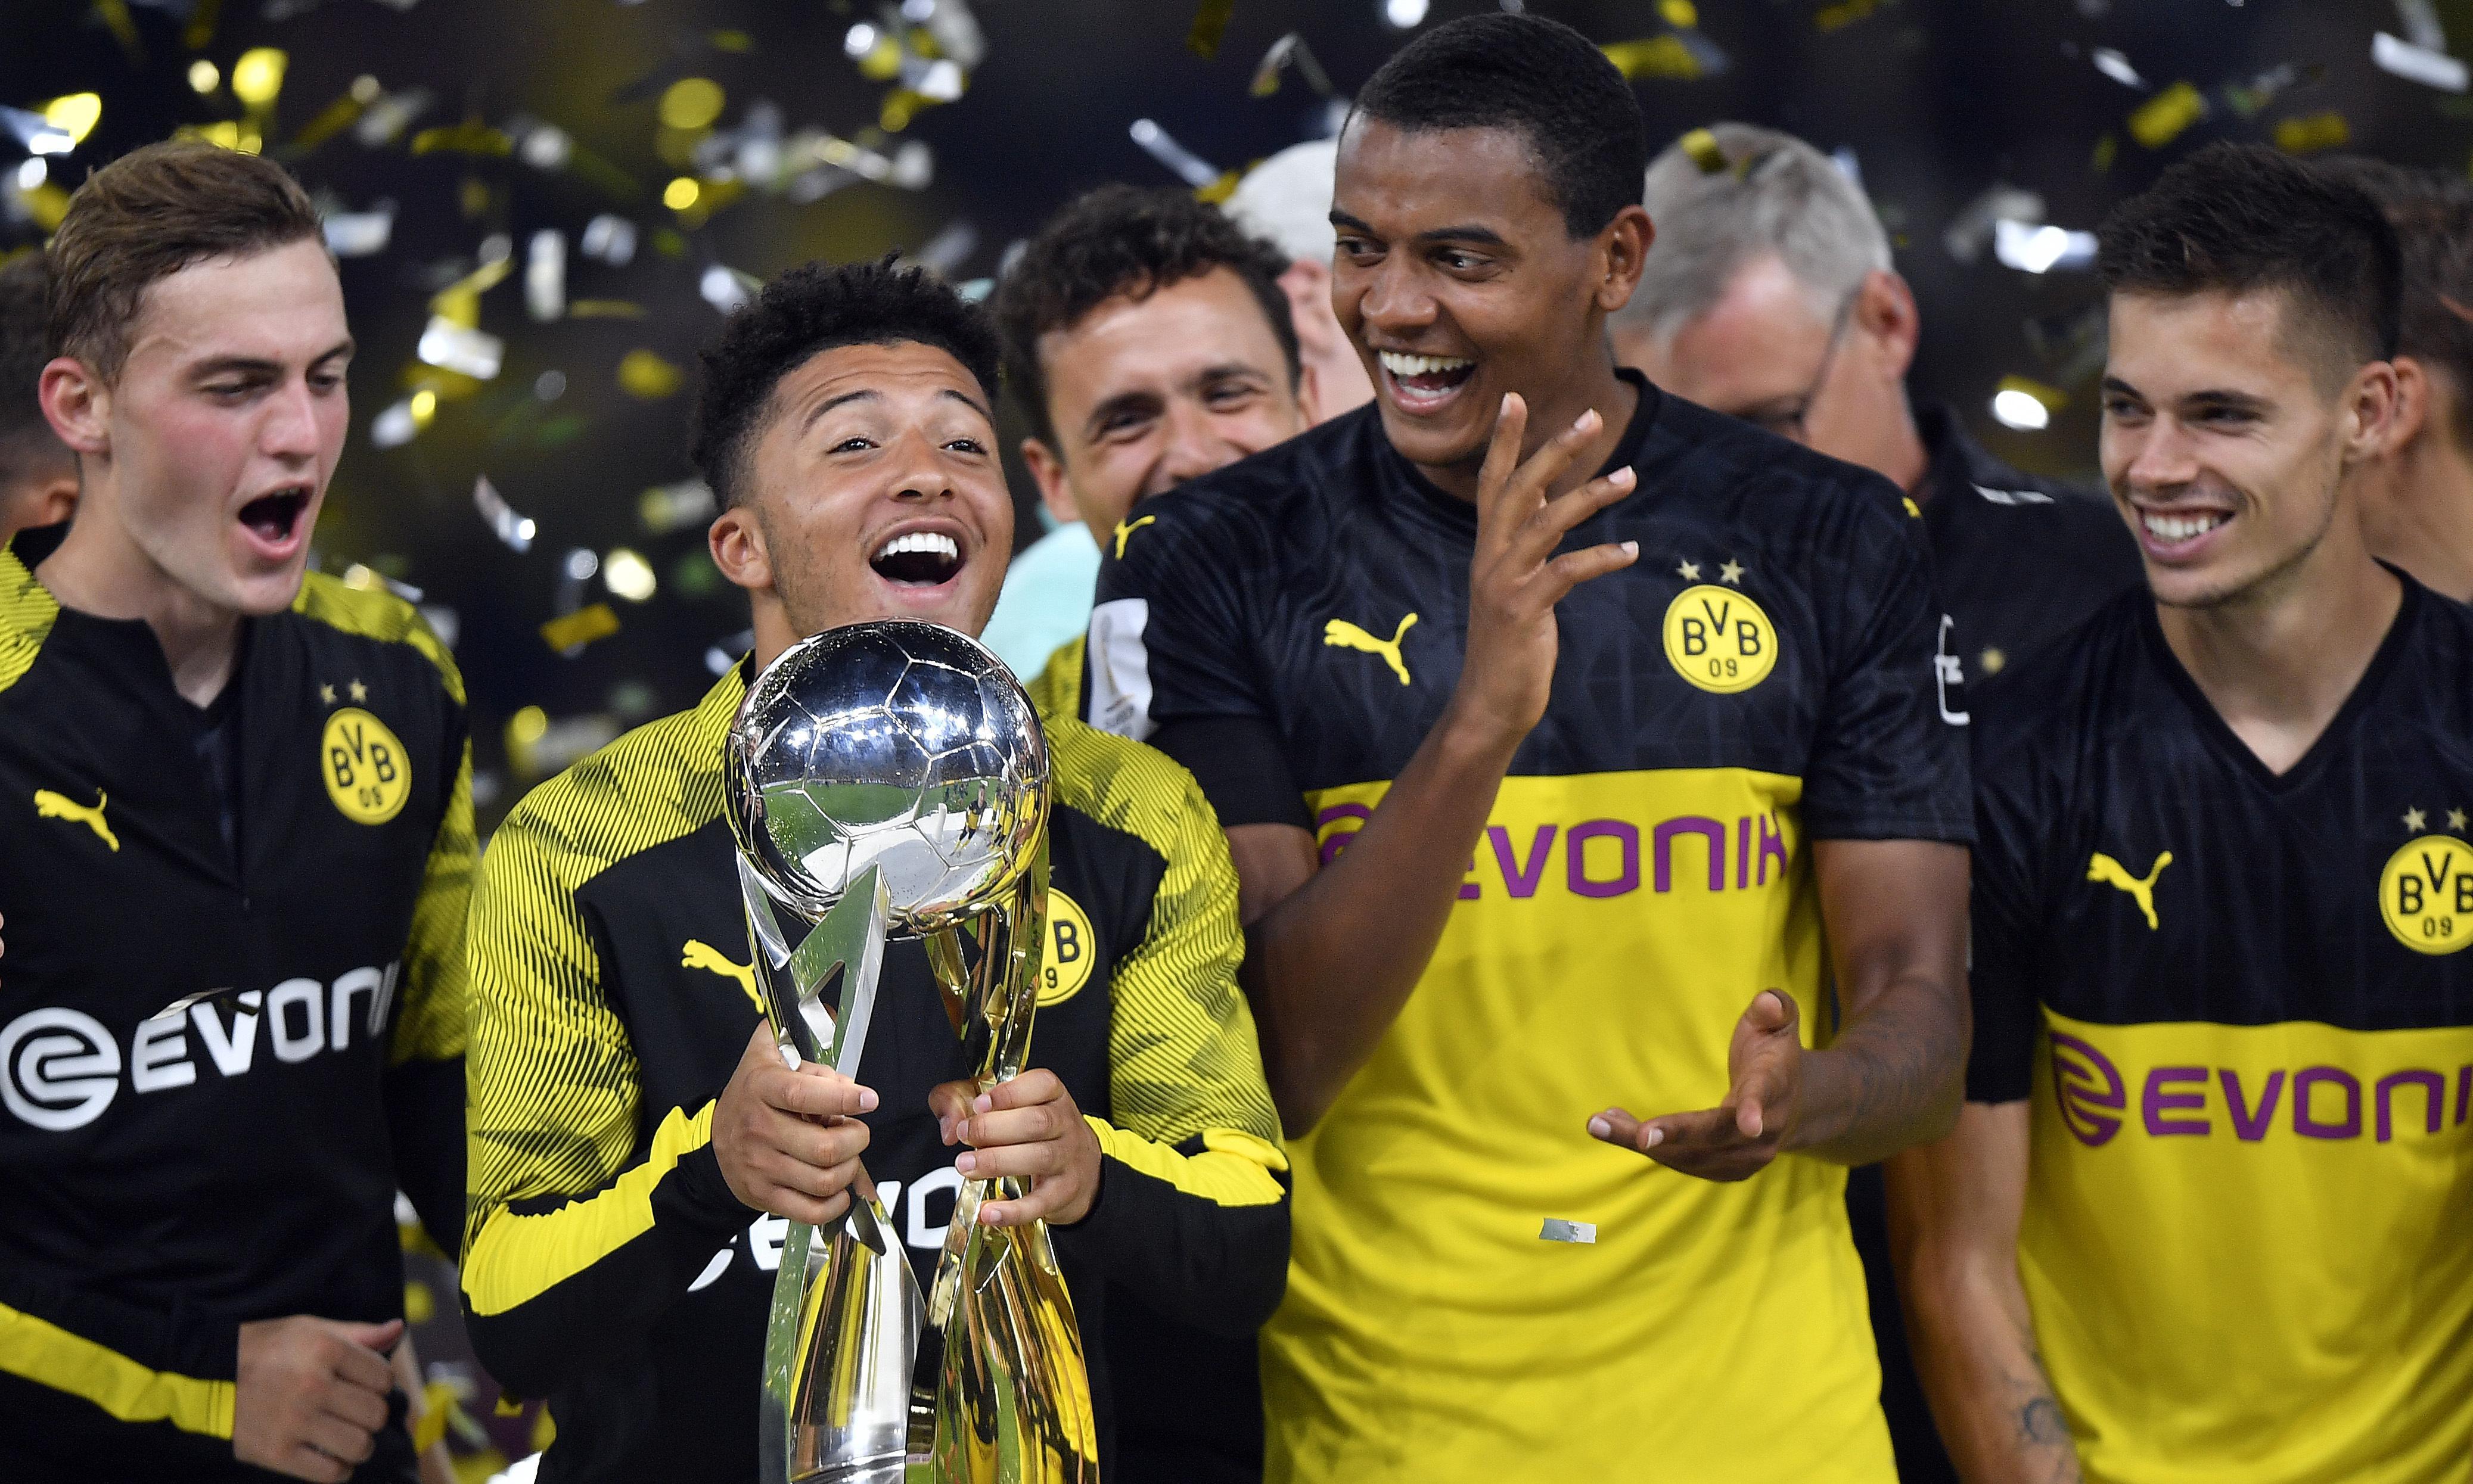 Jadon Sancho stars as Dortmund earn Supercup win over Bayern Munich